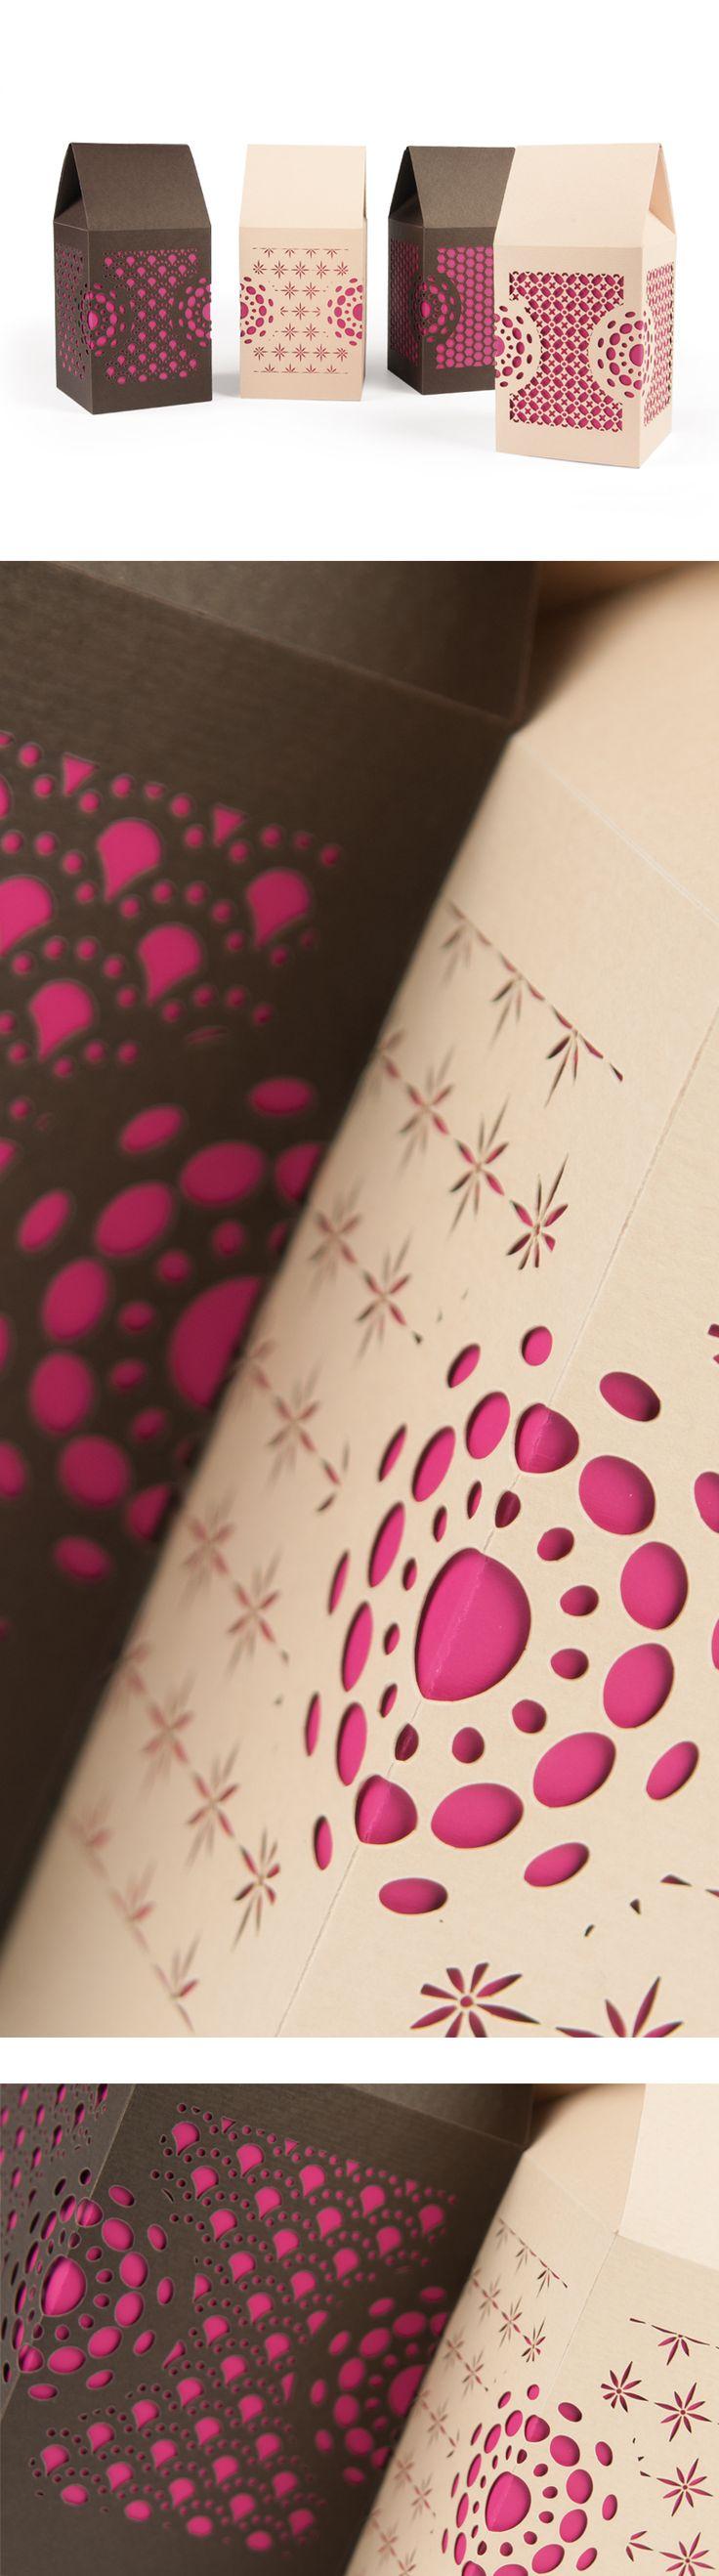 4 scatole con fondo automatico e chiusura a bustina decorate con texture microtaglio laser. 4 boxes with crash lock bottom decorated with laser microcutting.